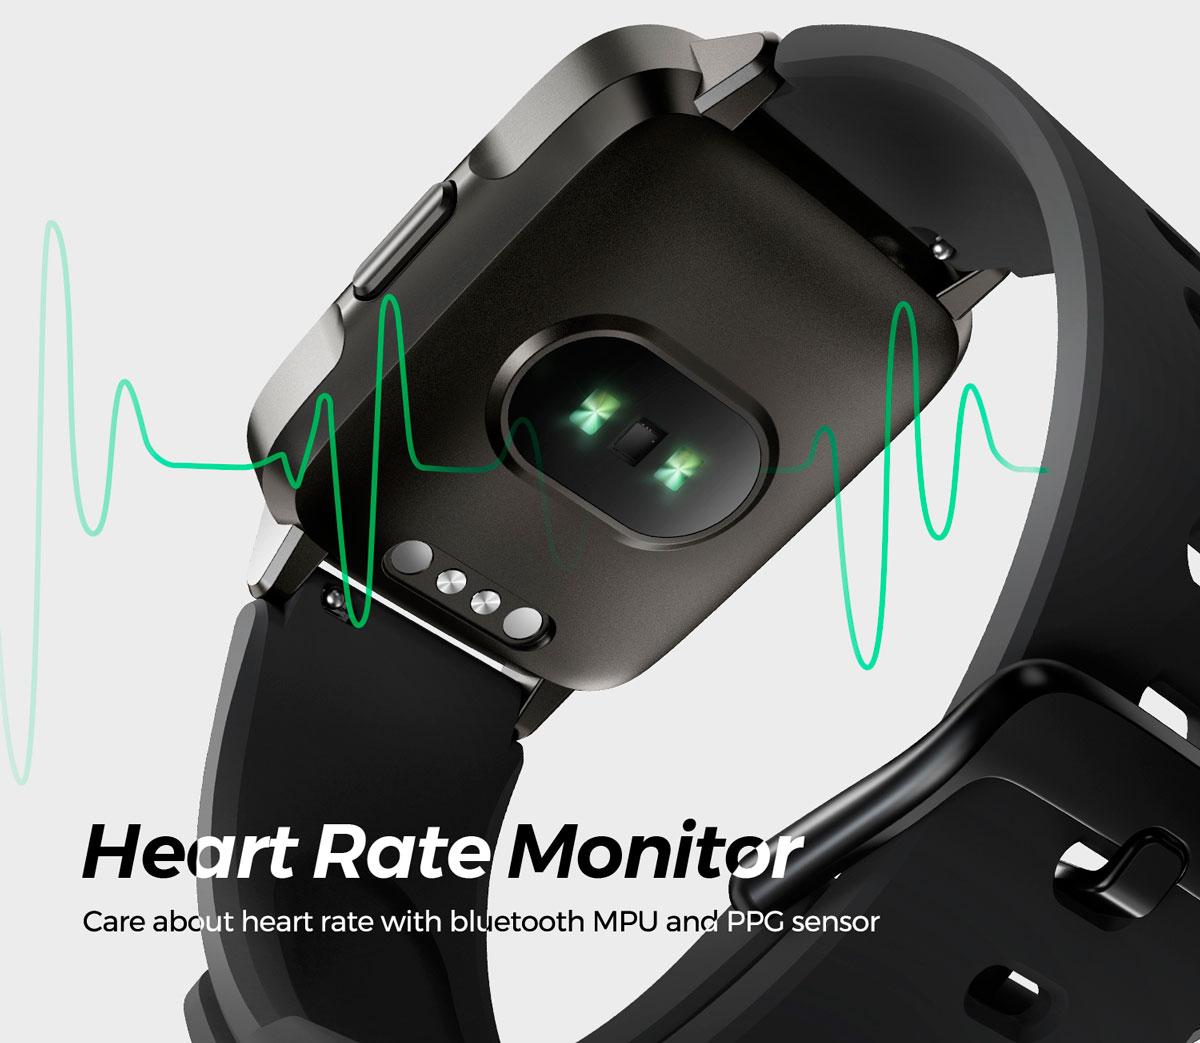 đồng hồ thể thao soundpeats watch 1 với những tính năng tiện lợi